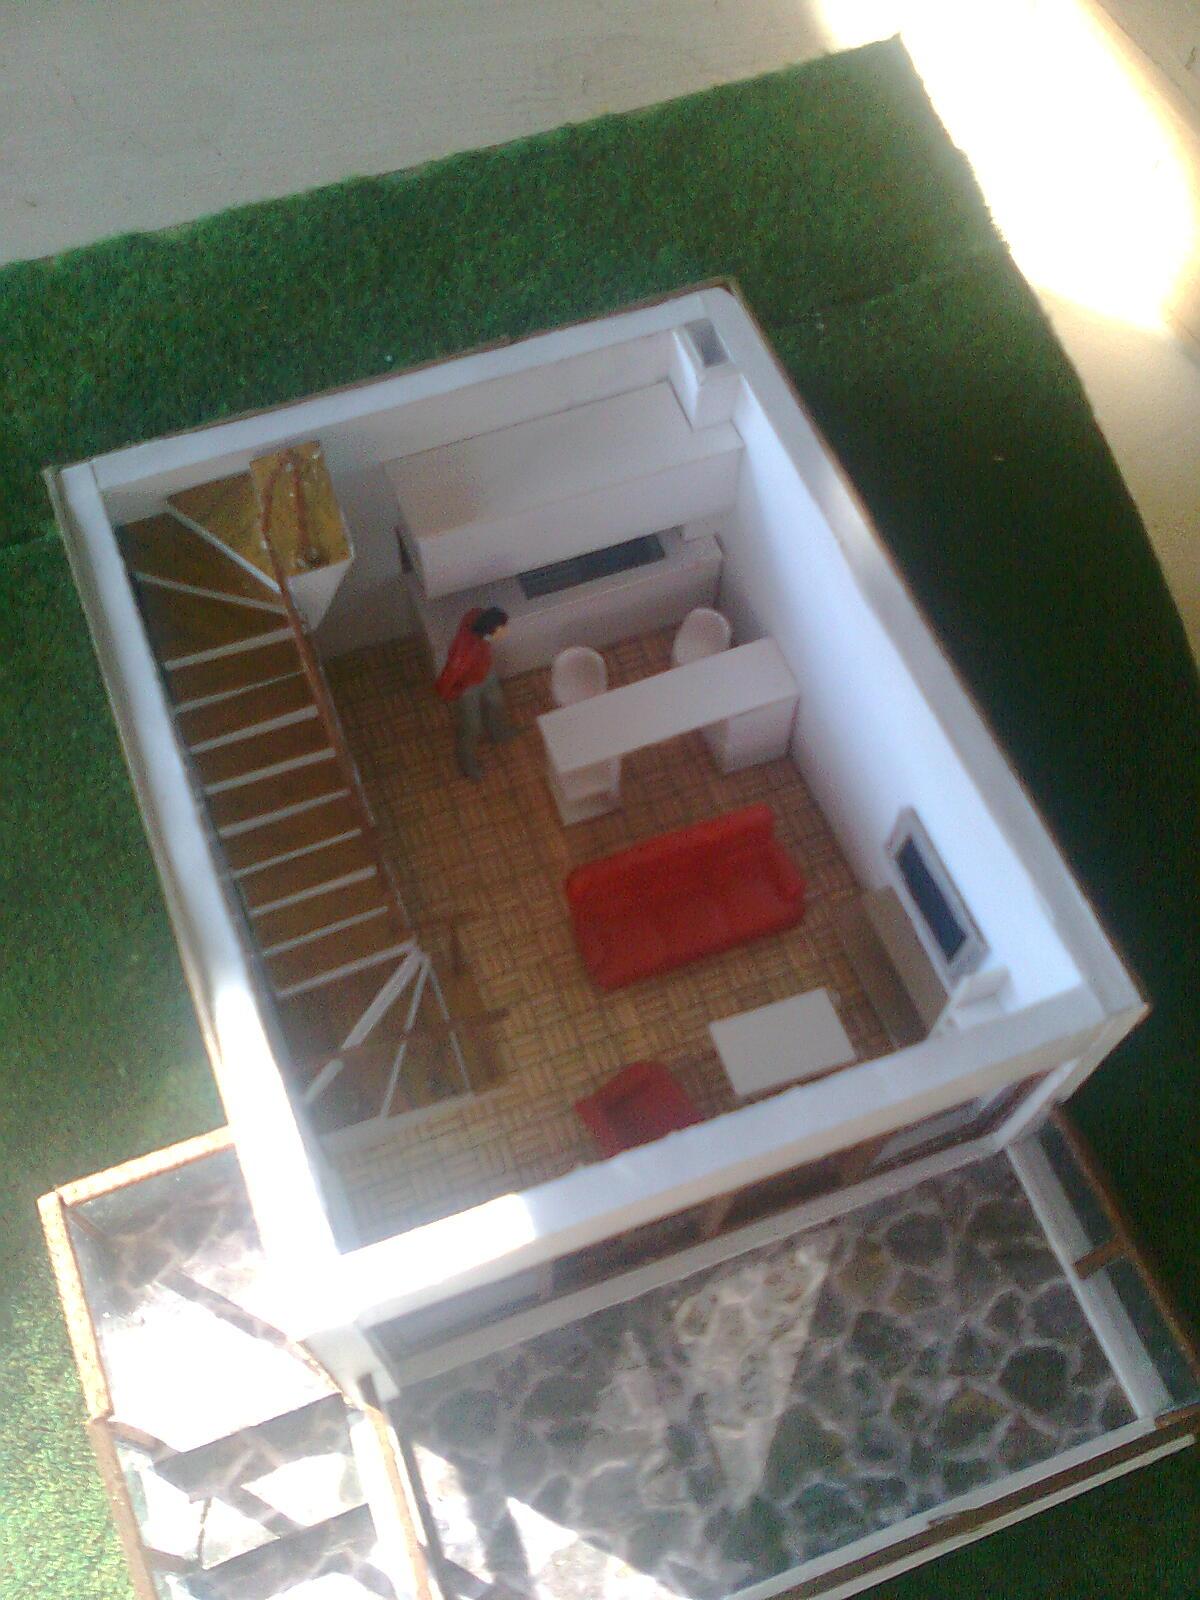 Okul projem için yapmış olduğum tatil köyündeki bir birimin 1 50